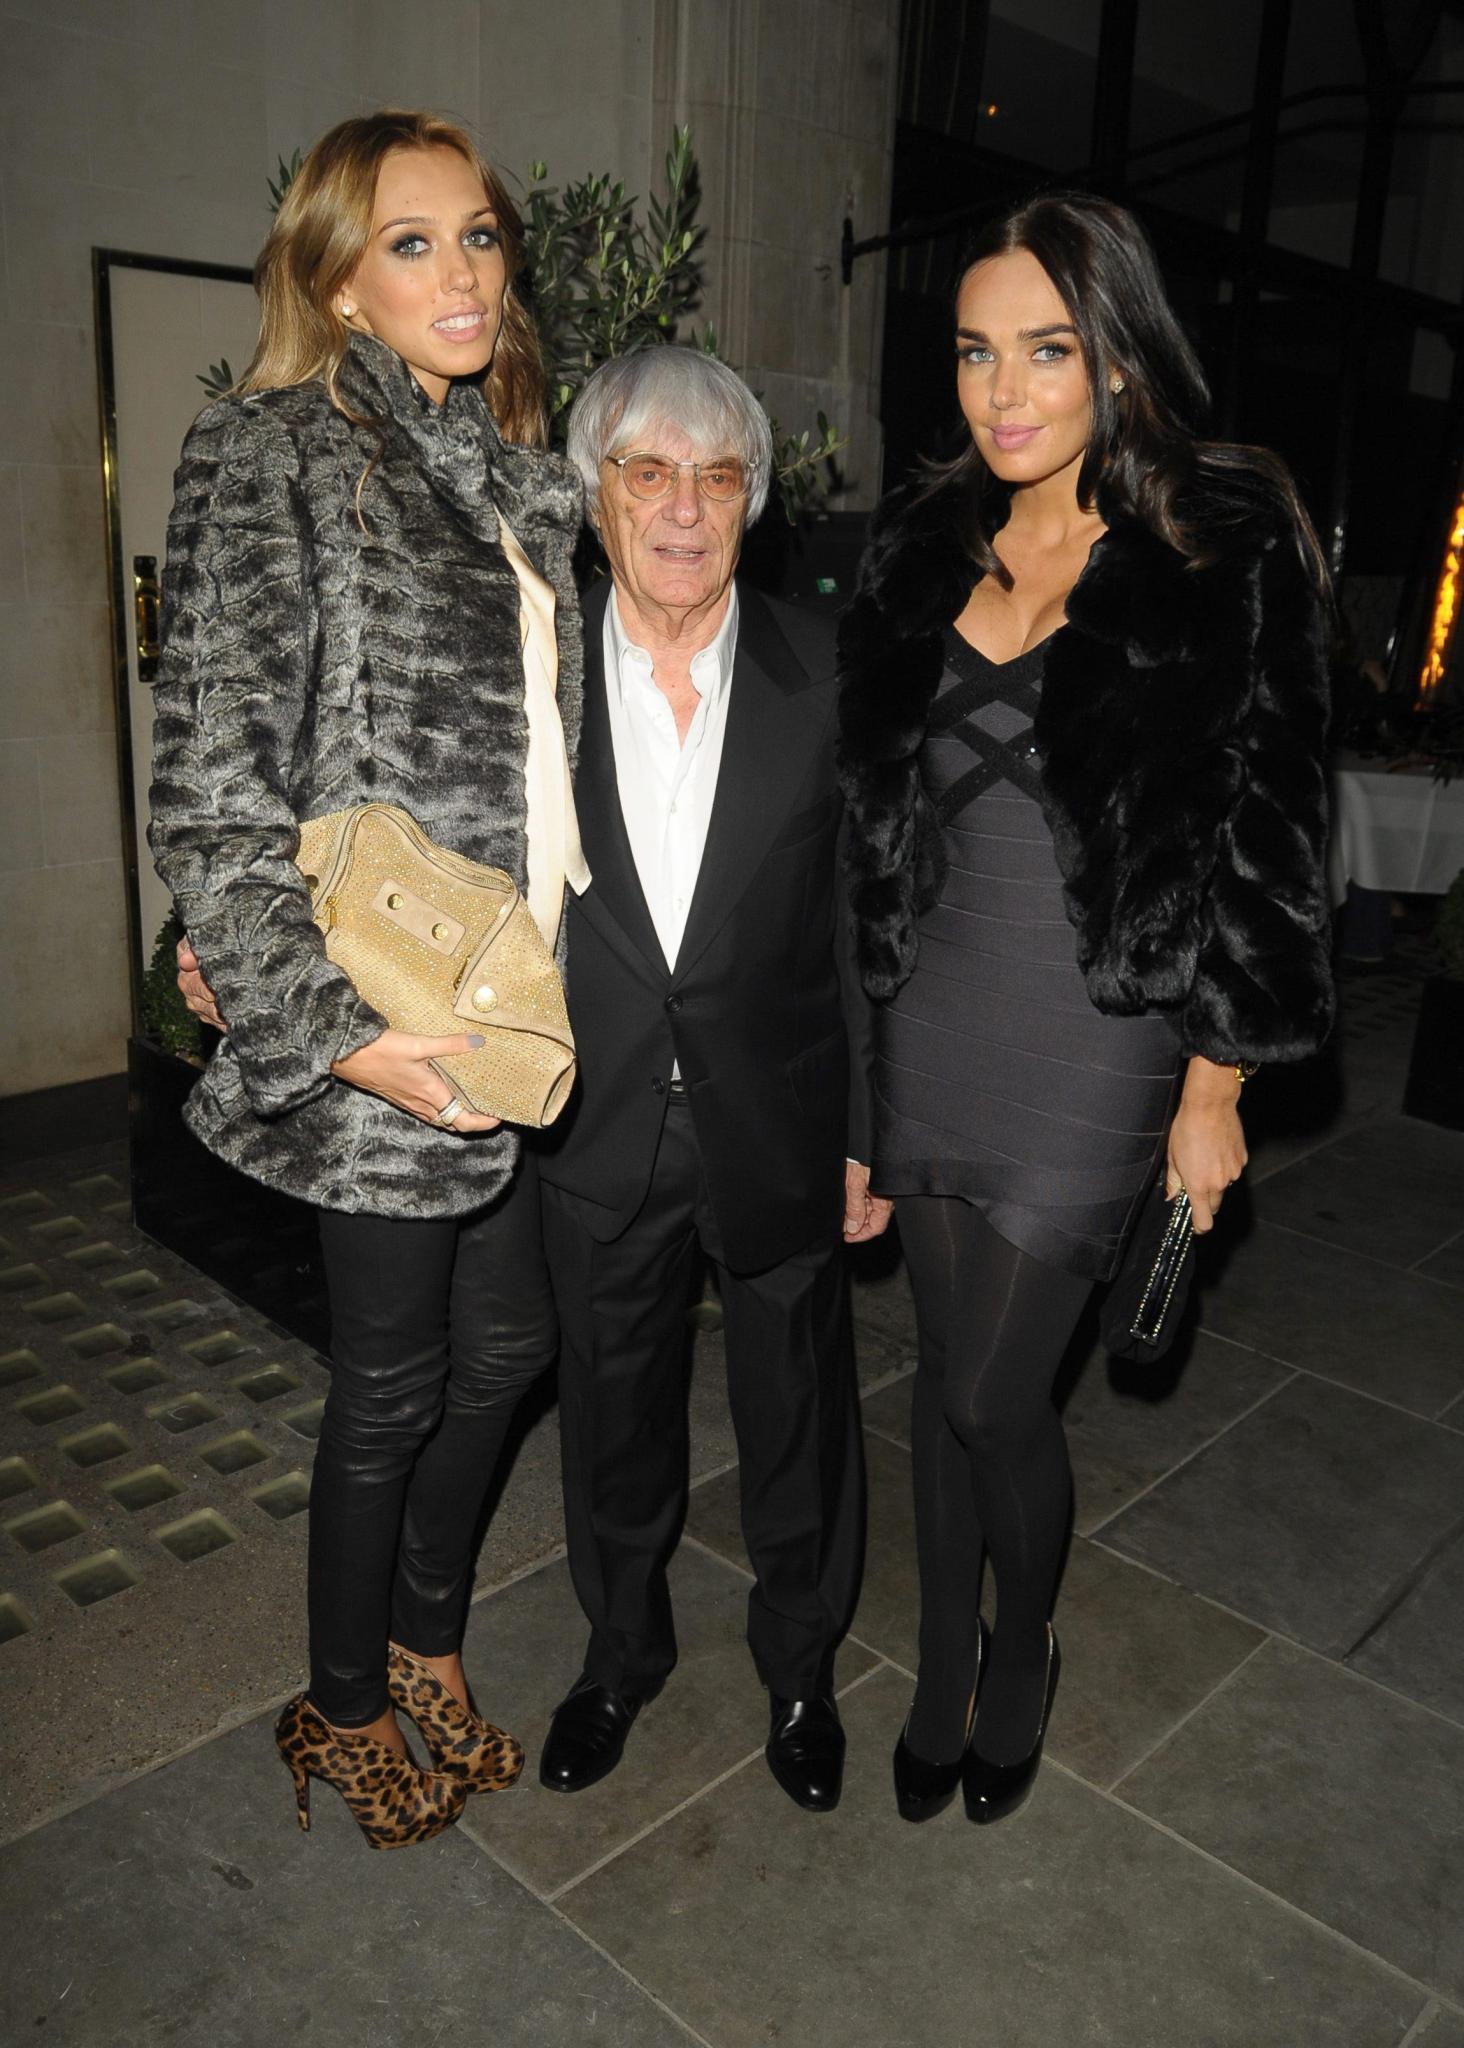 Petra Ecclestone, Tamara Ecclestone, Bernie Ecclestone